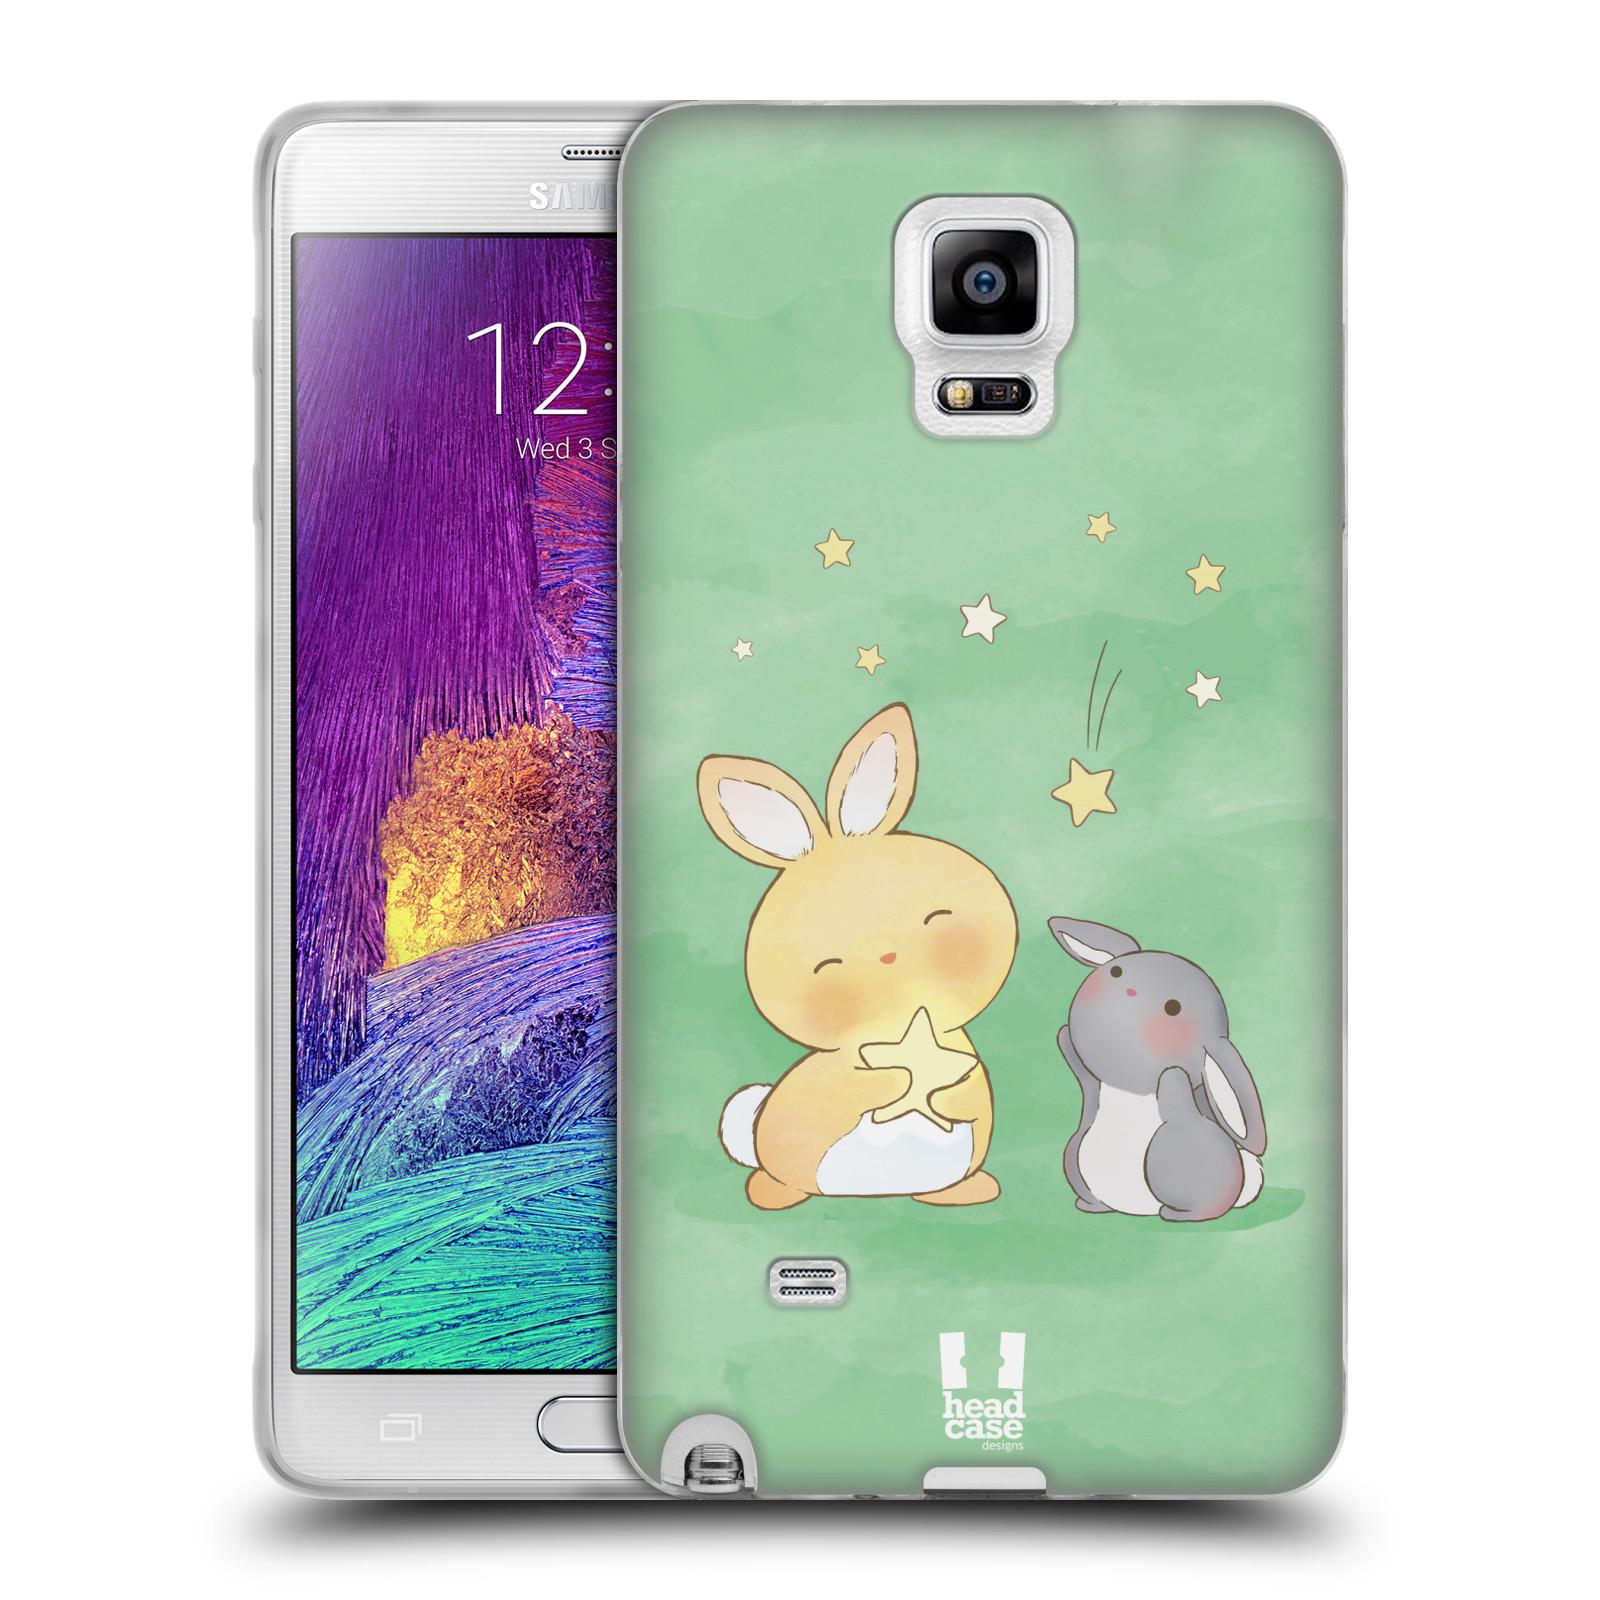 HEAD CASE silikonový obal na mobil Samsung Galaxy Note 4 (N910) vzor králíček a hvězdy zelená